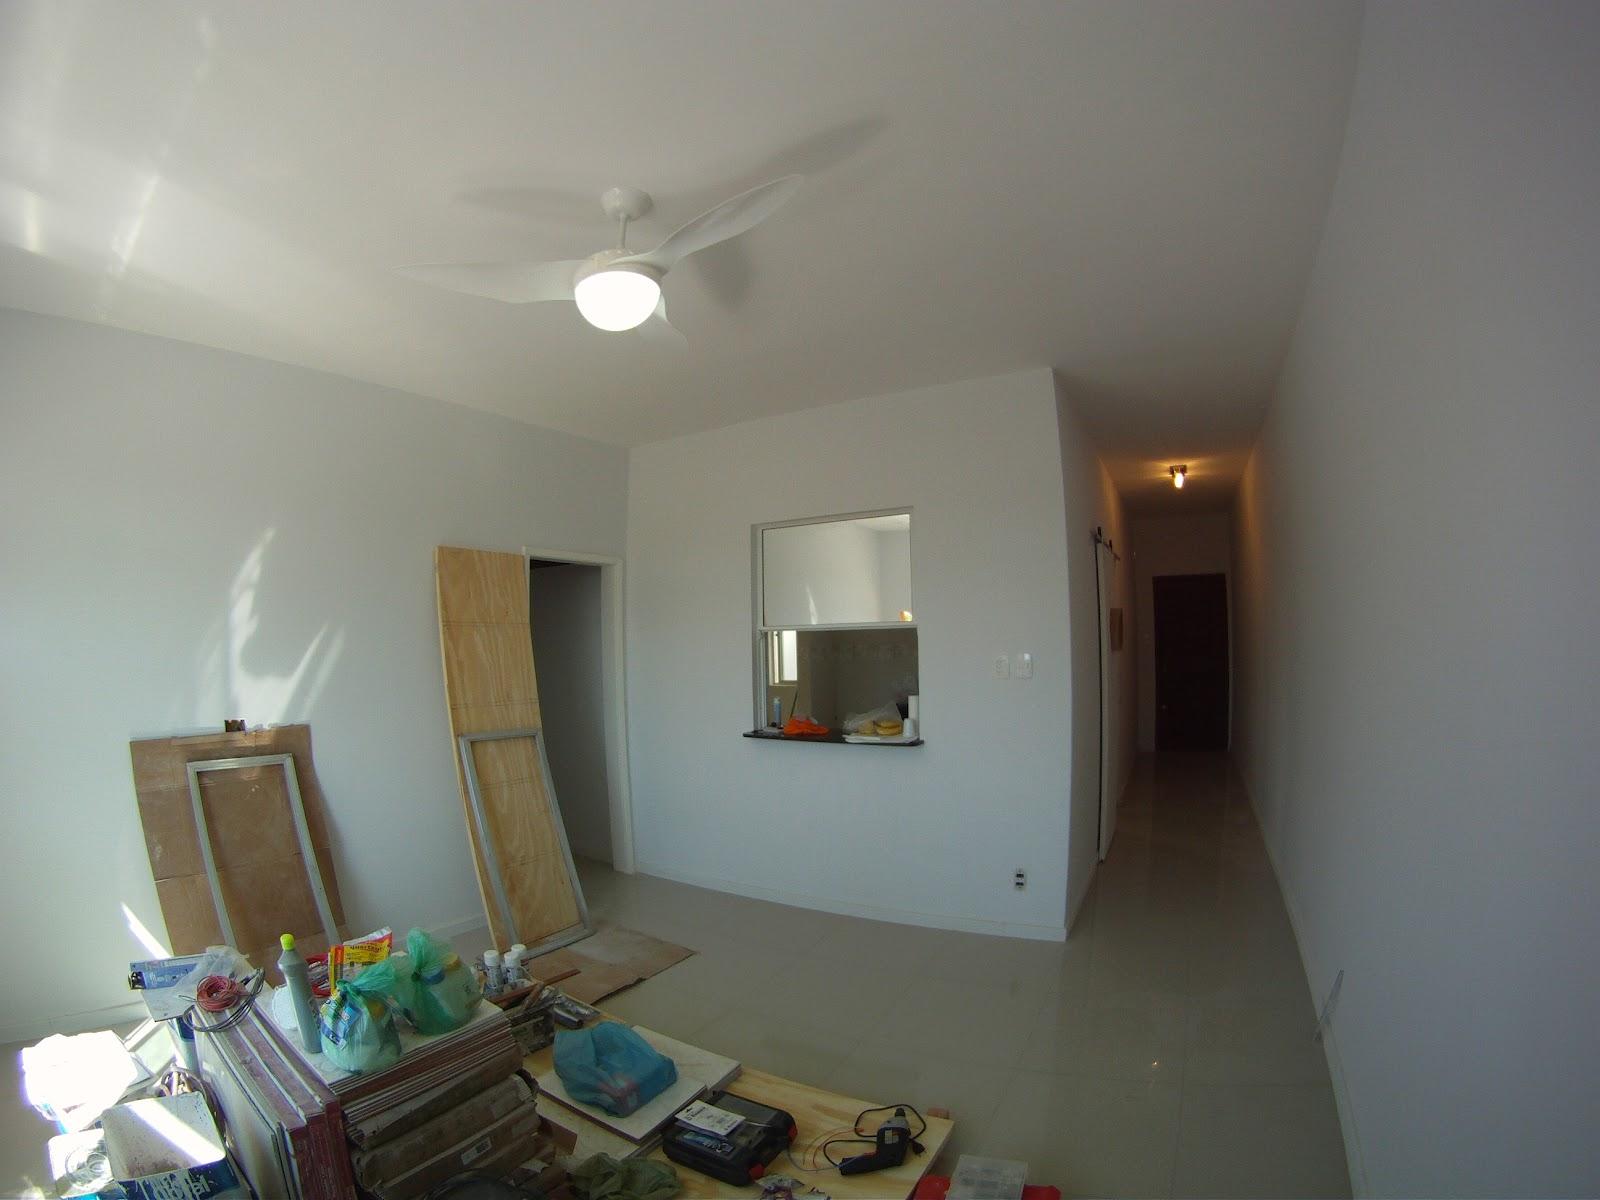 Imagens de #5E4937 Sala : com o Passa pratos pronto o ventilador de teto Terral que  1600x1200 px 3538 Blindex Banheiro Limpeza